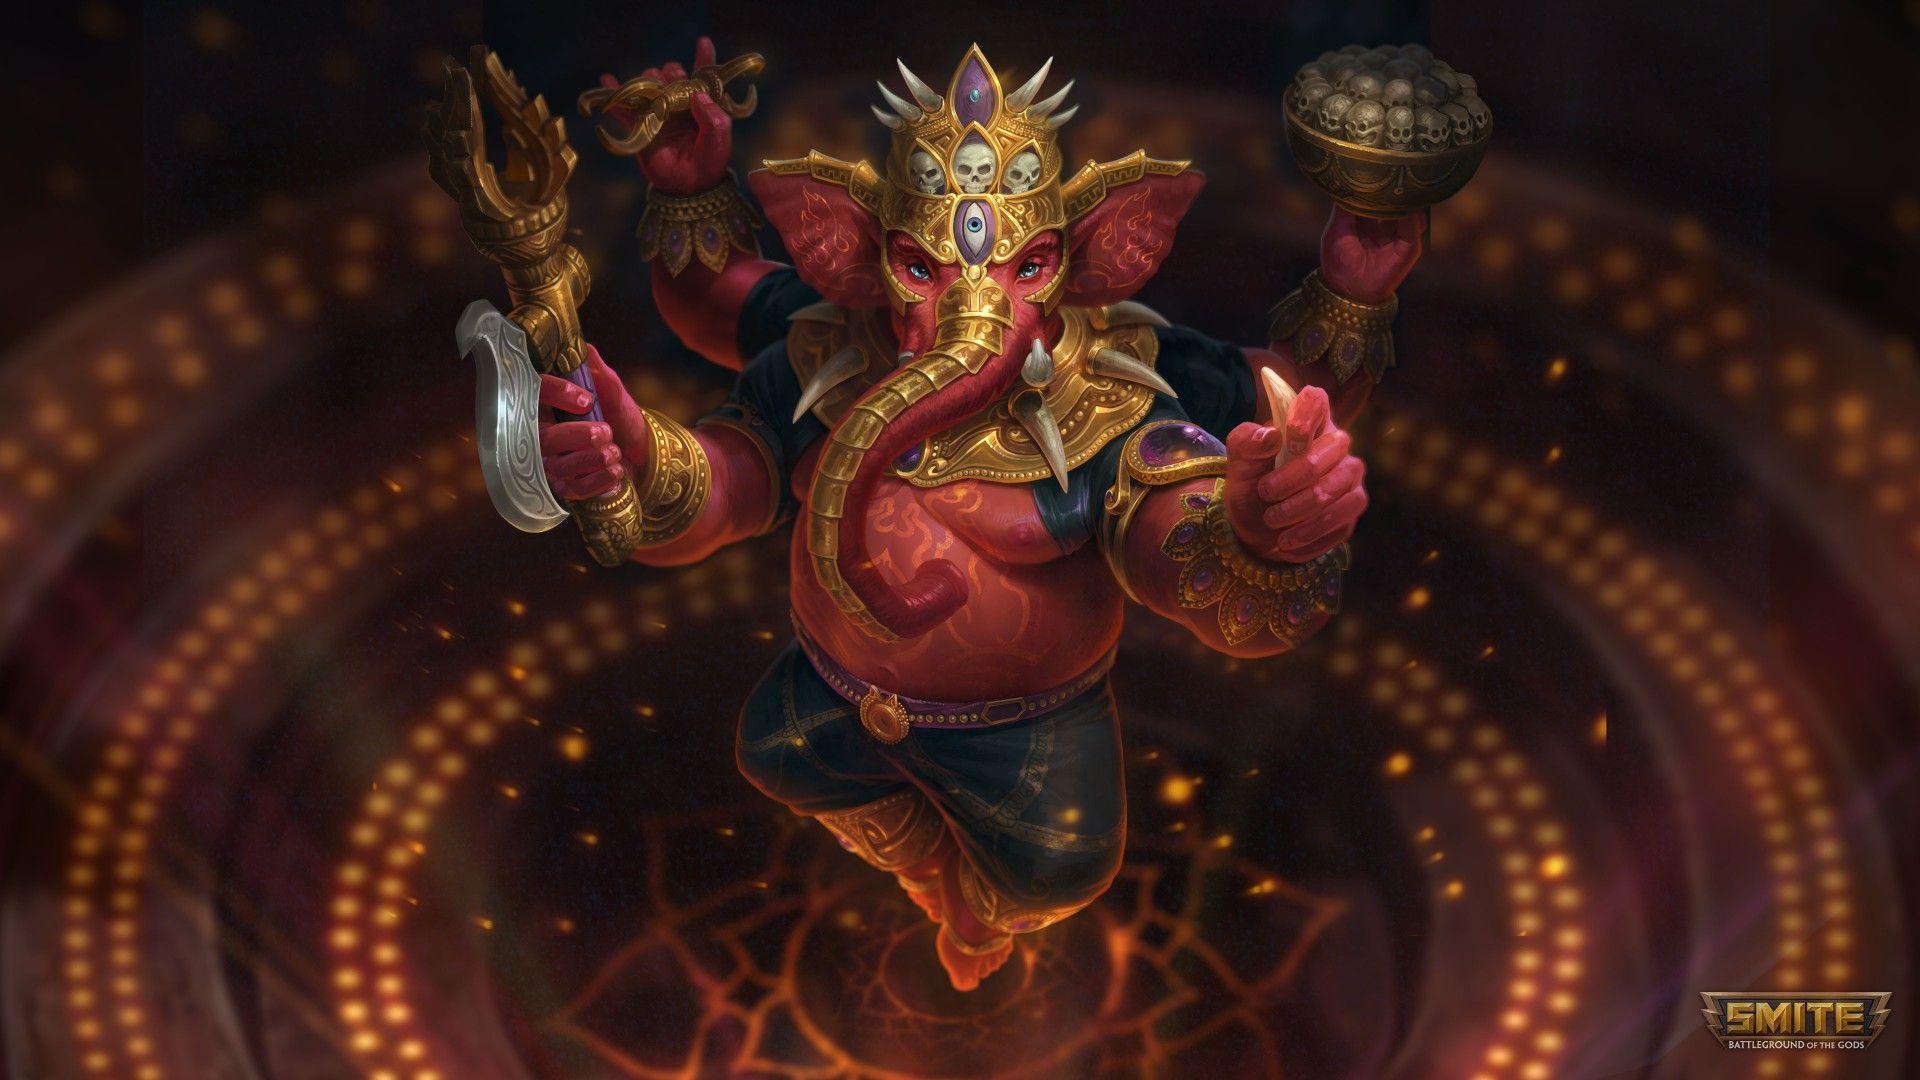 1920x1080 Lord Ganesha 4K hình nền